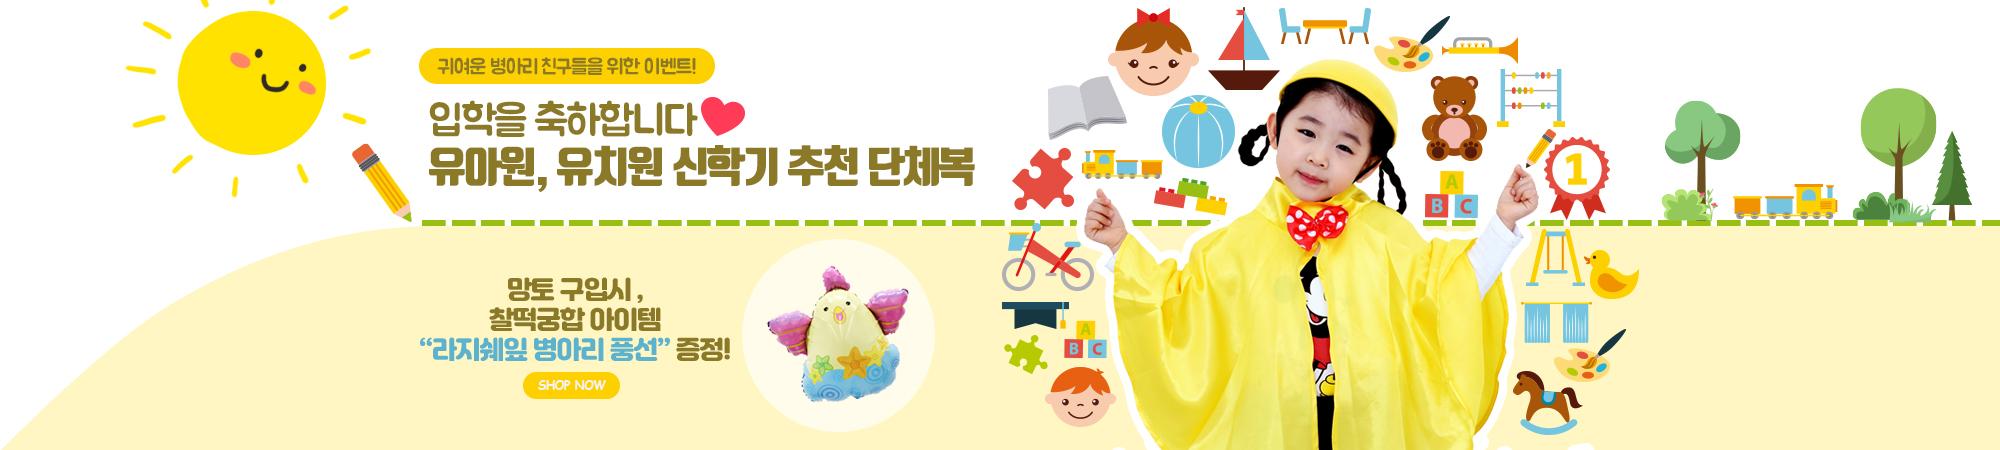 병아리 유치원 의상 사은품제공